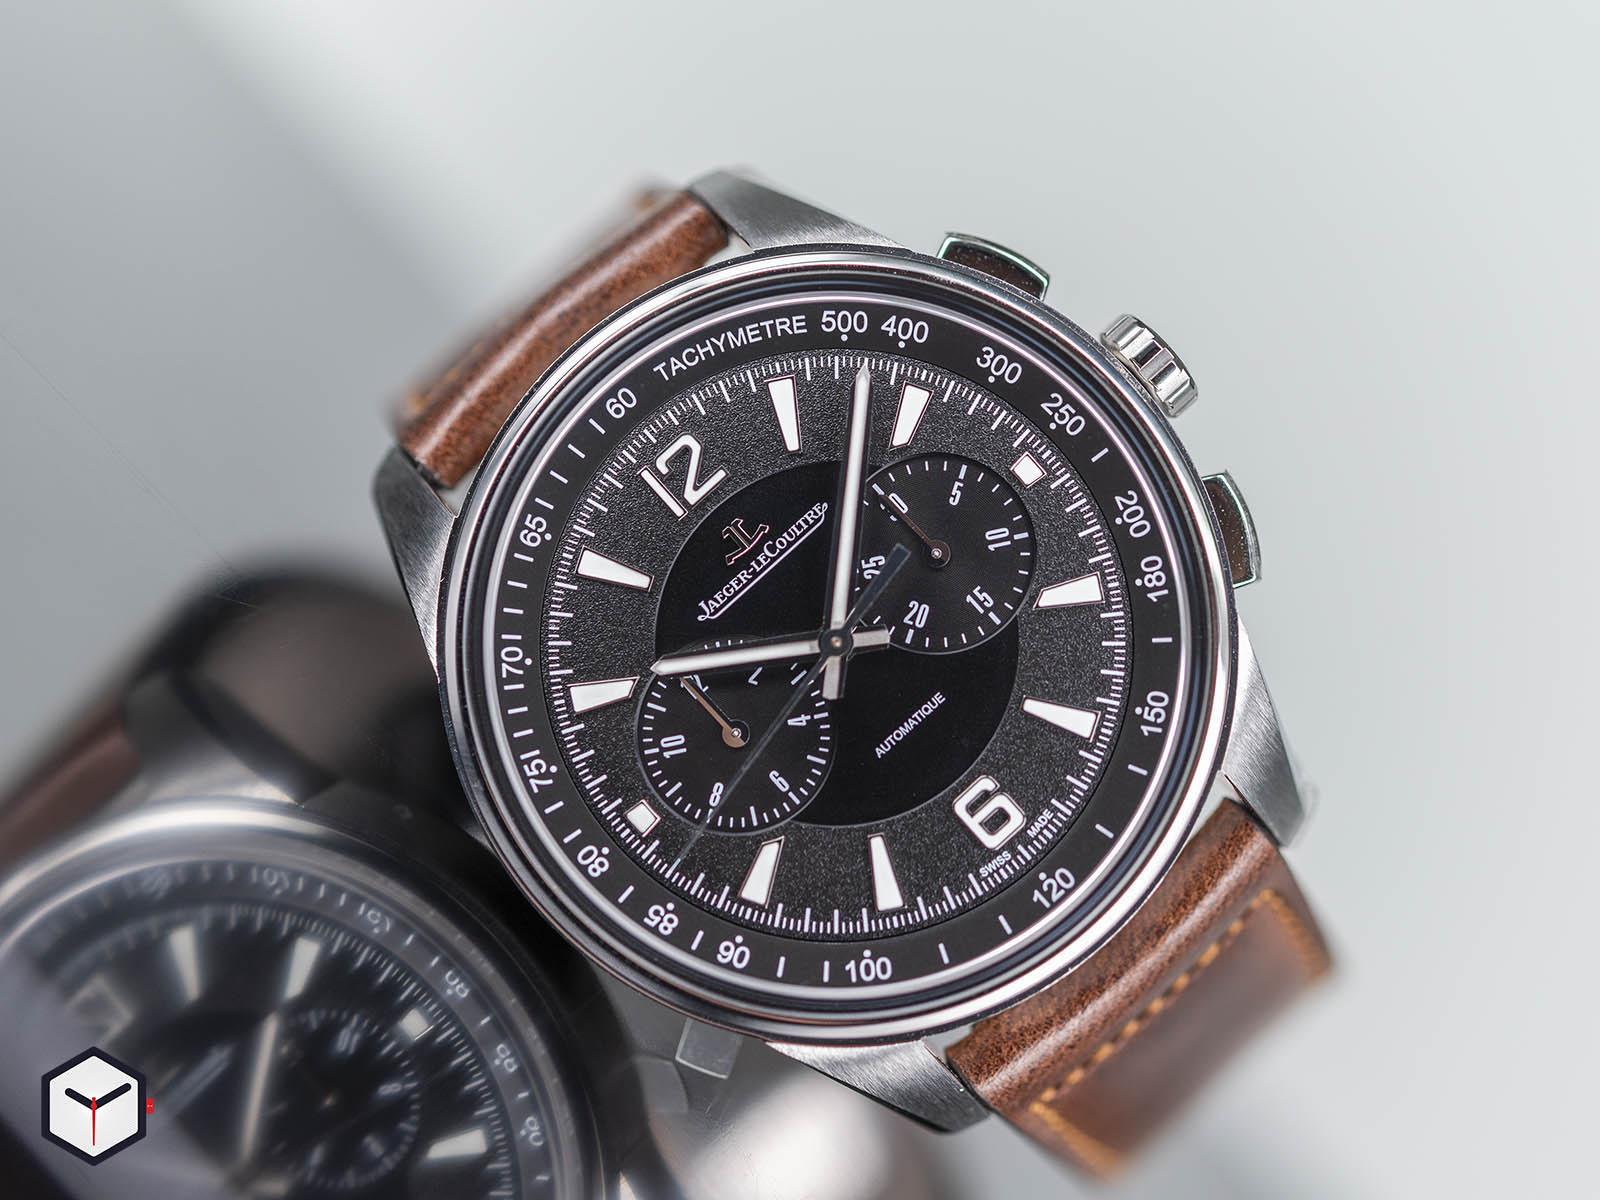 9028471-jaeger-lecoultre-polaris-chronograph-stainless-steel1.jpg